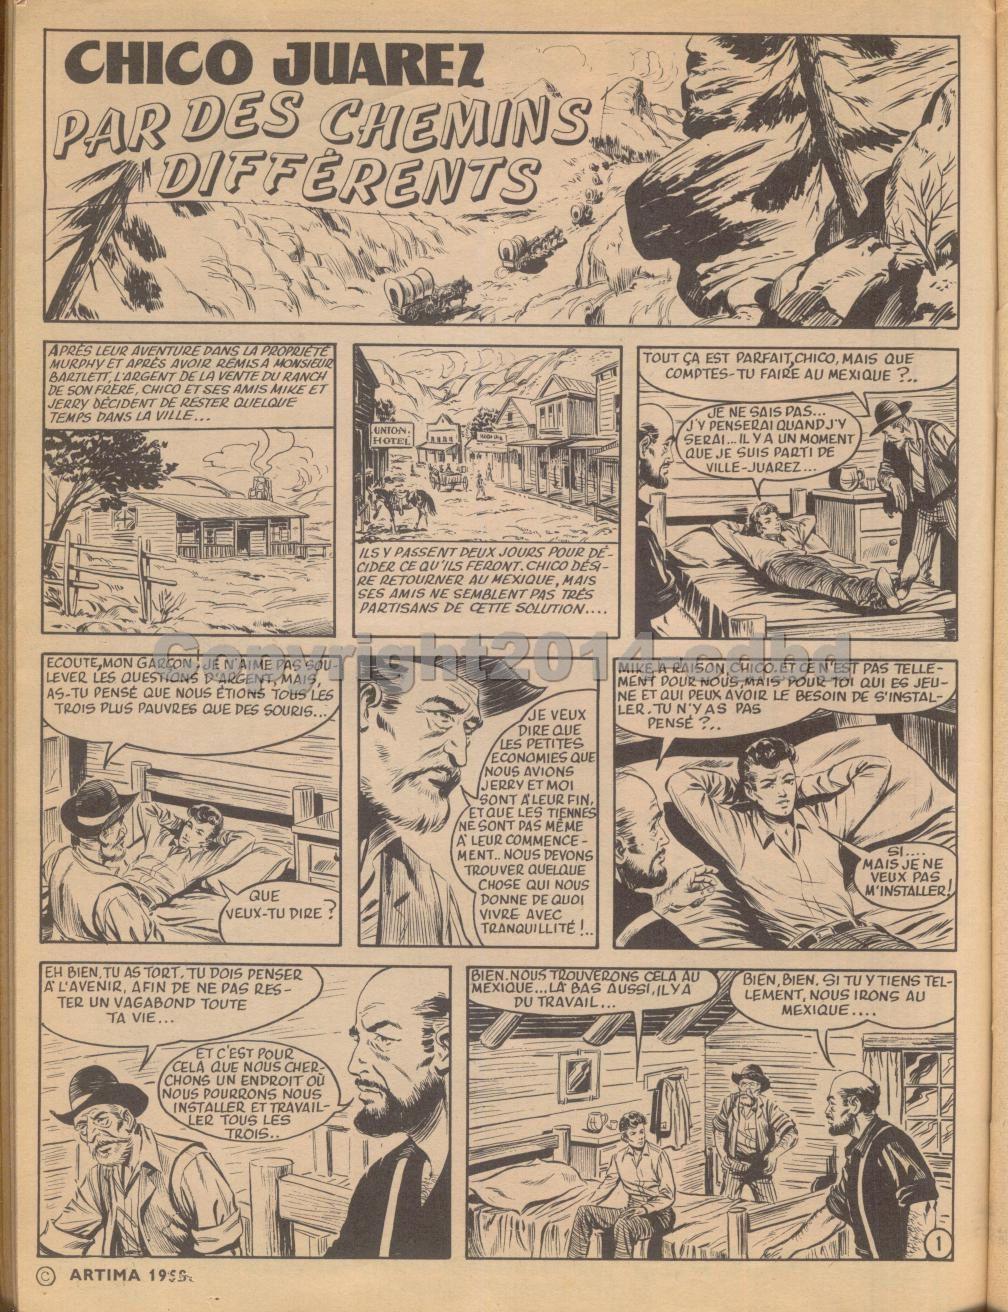 Audax mensuel n°67 de Avril 1958 -page 01 à 10